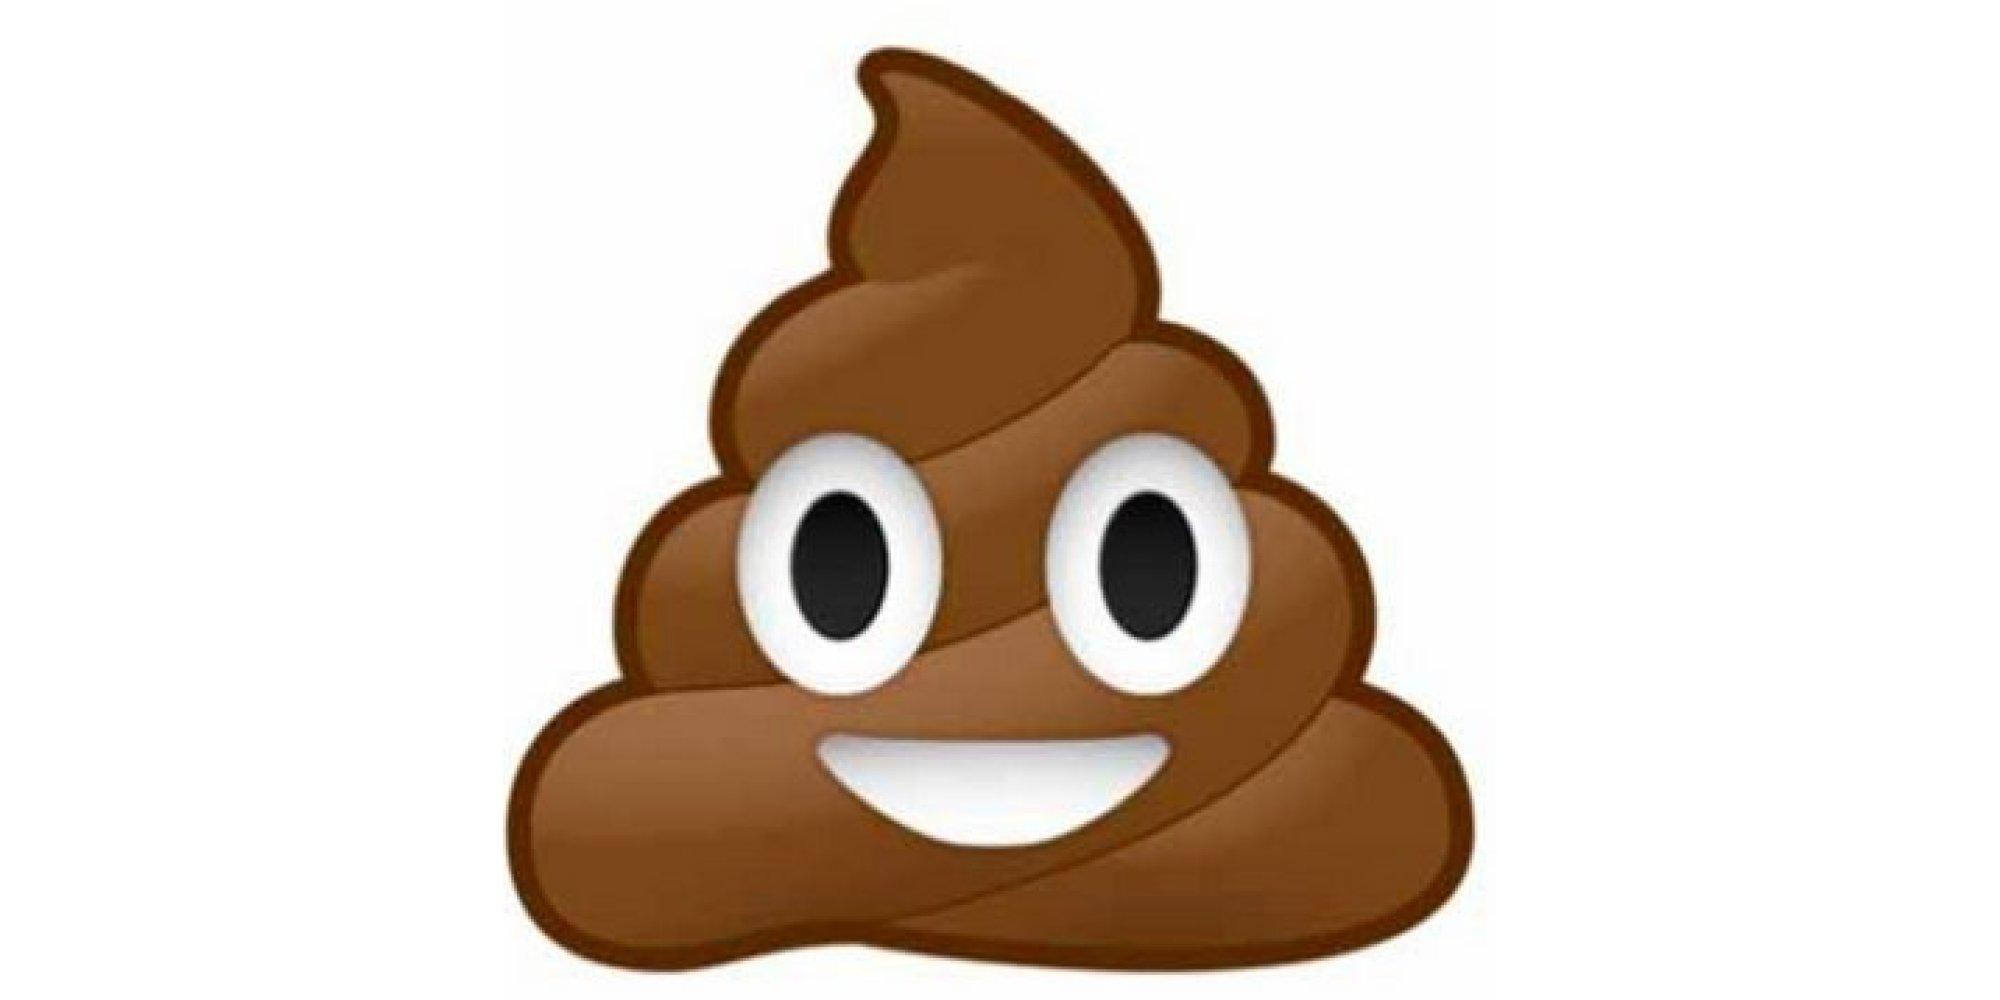 o-poop-emoji-ice-cream-facebook.jpg